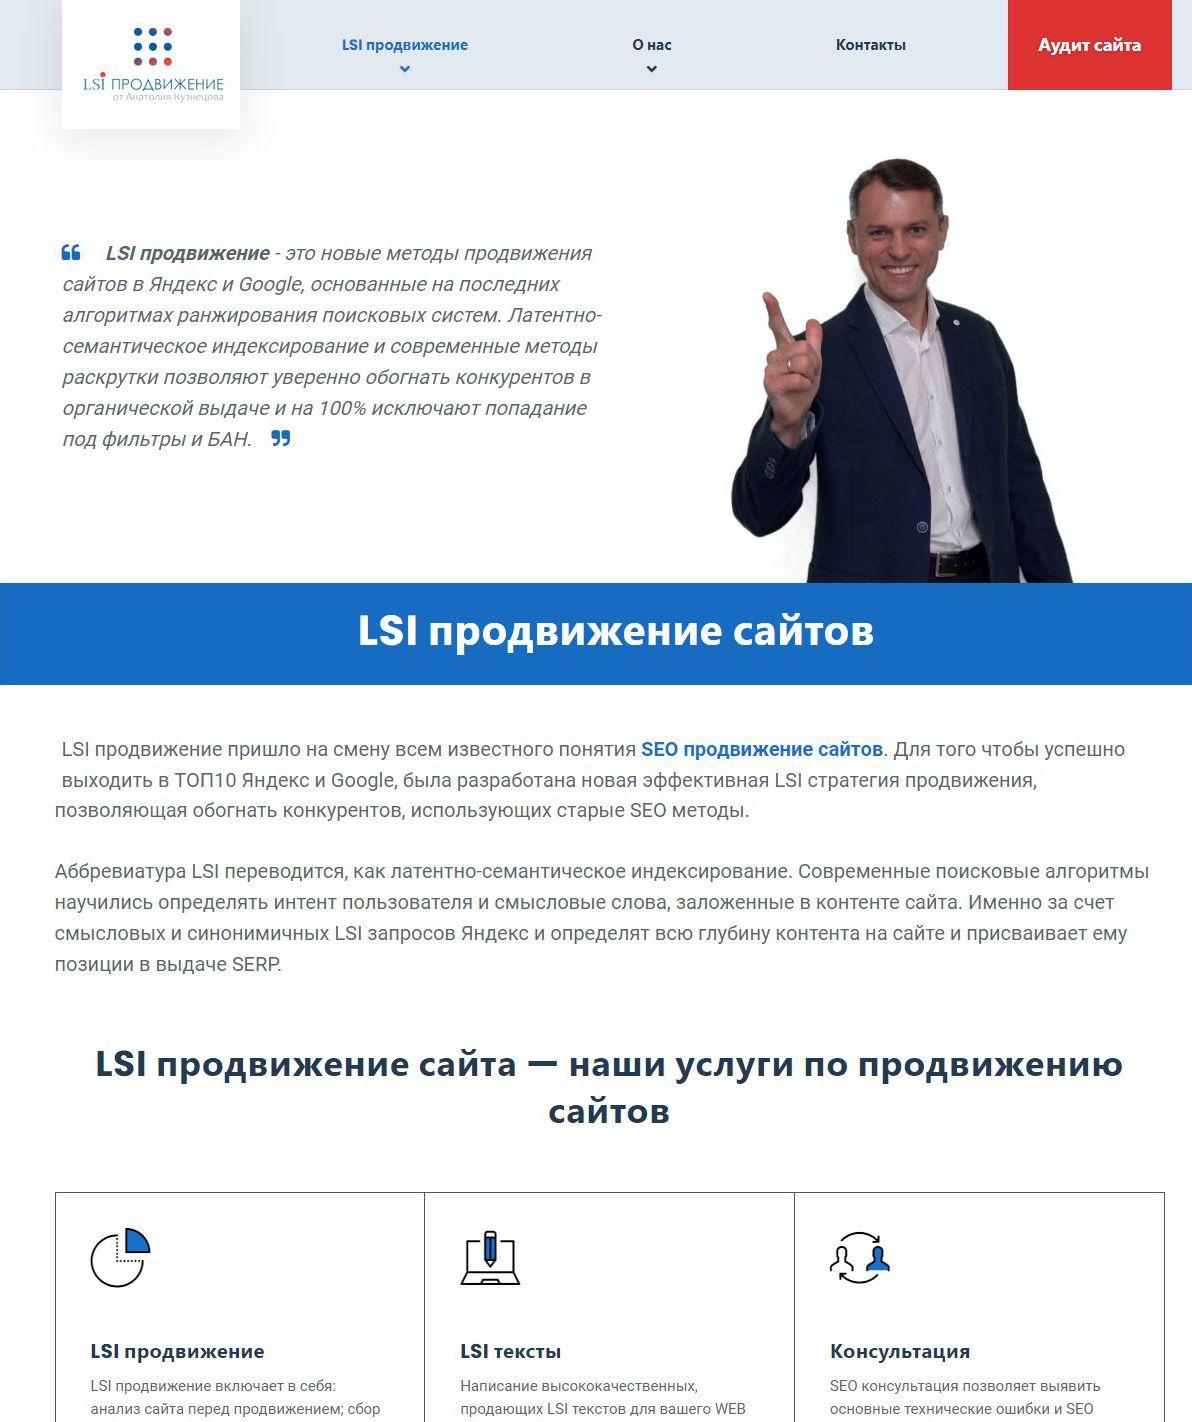 Сайт с seo анализом сайтов